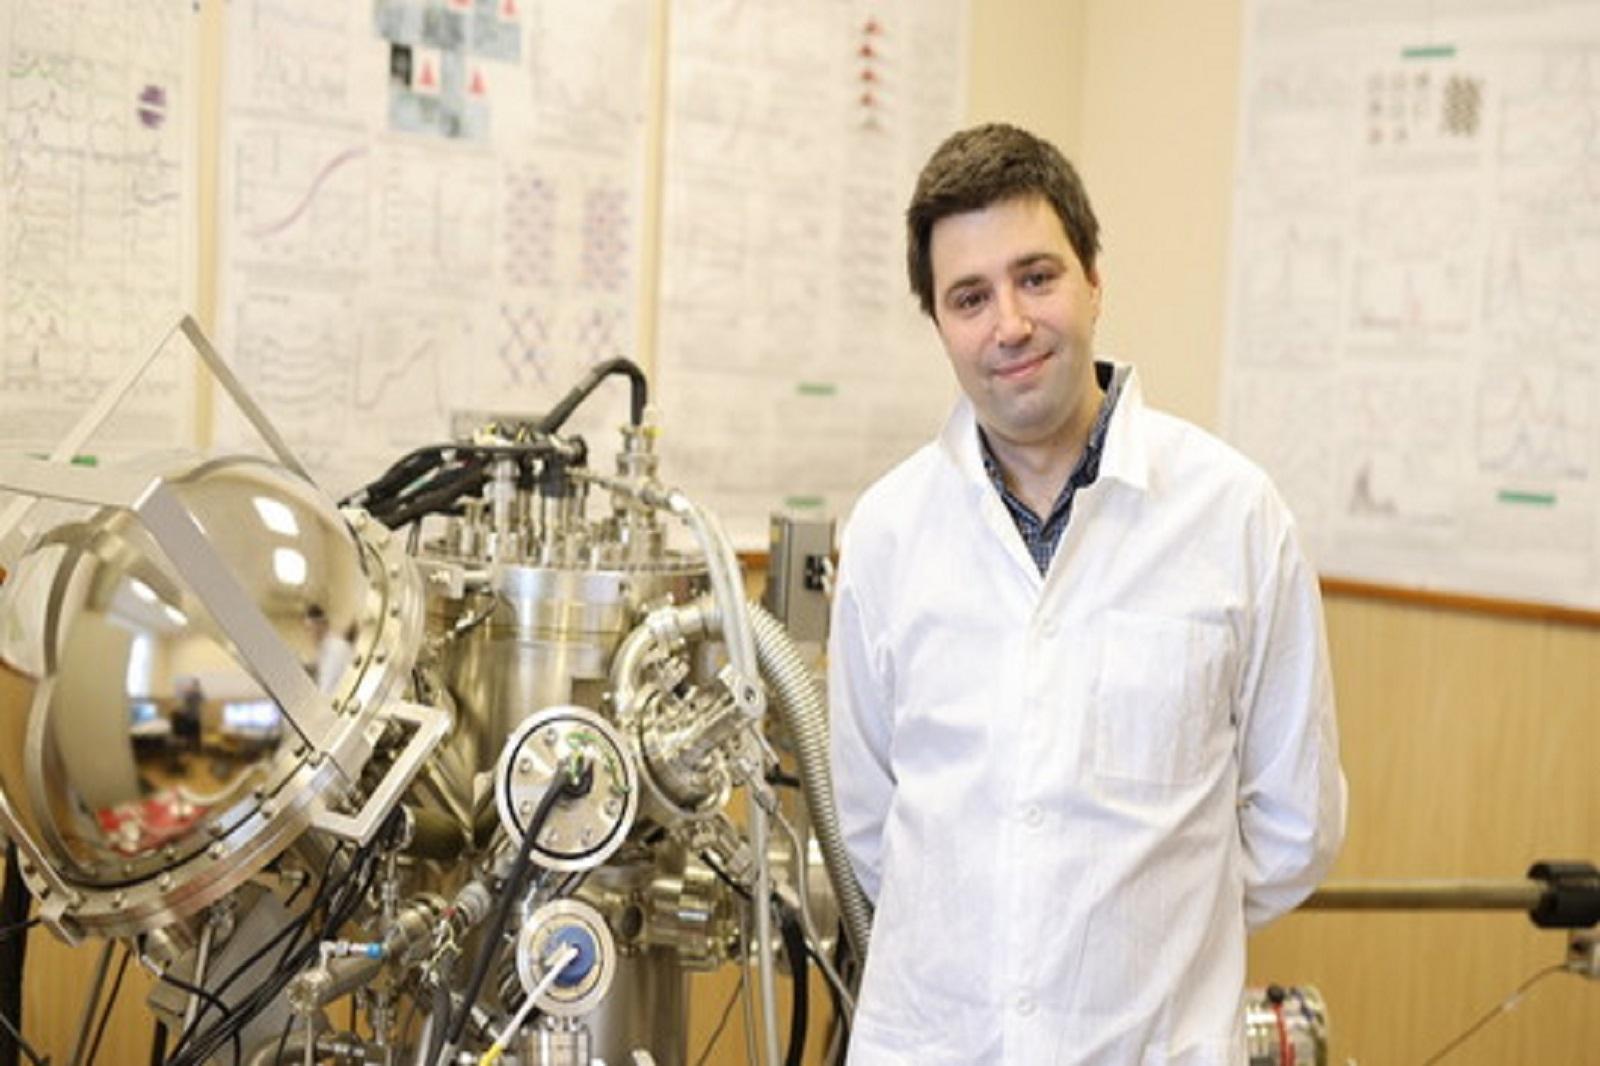 乌拉尔联邦大学的科学家创造出世界上寿命最长的钙钛矿LED插图-小狮座俄罗斯留学